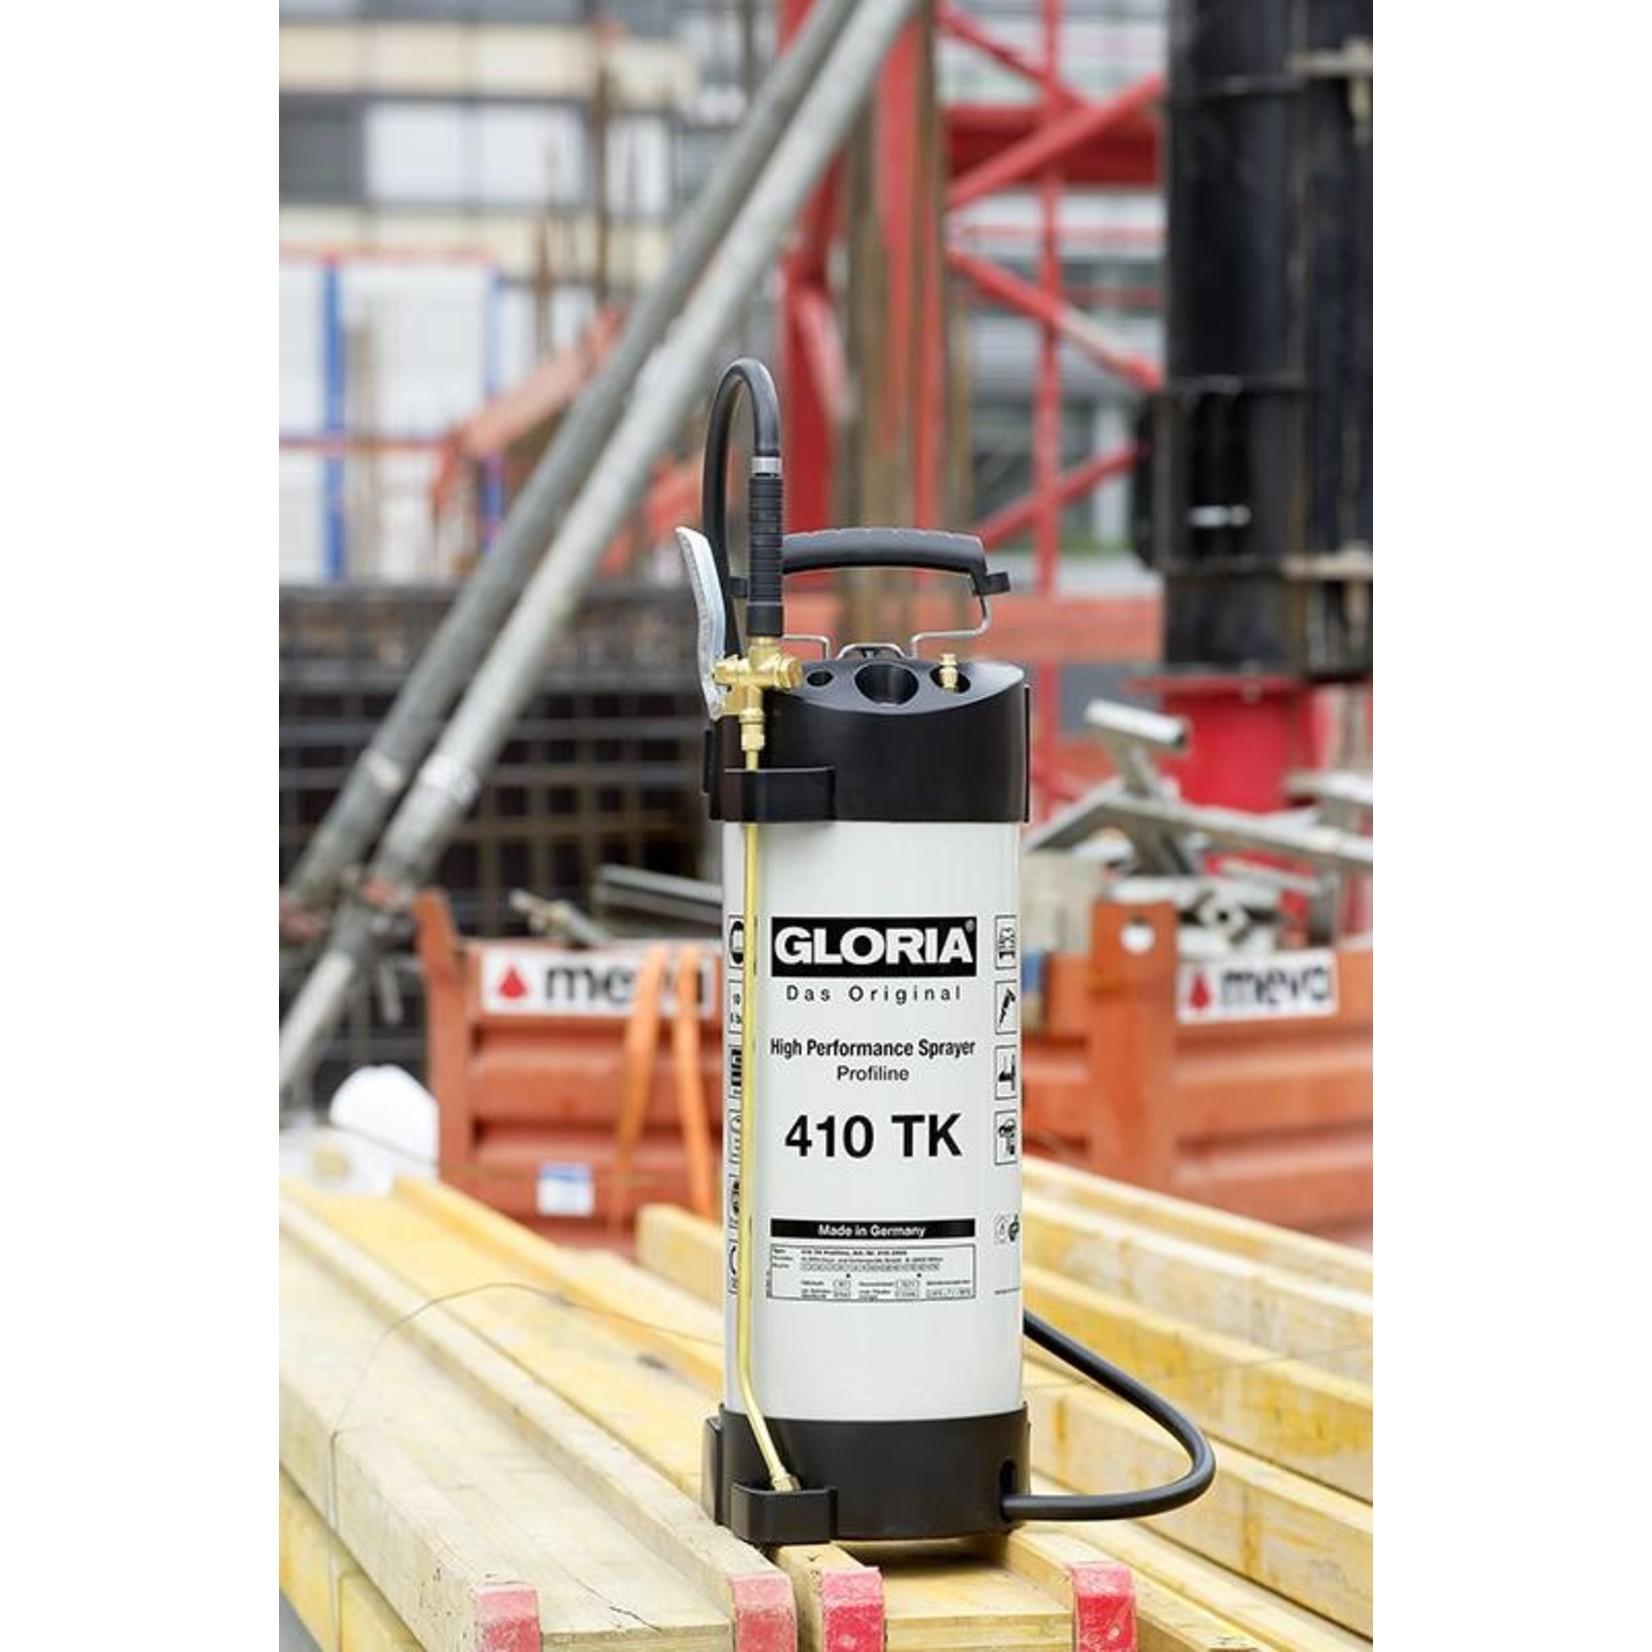 Gloria Industrie Hogedrukspuit Staal 410TK Profiline (10 liter) met Compressoraansluiting